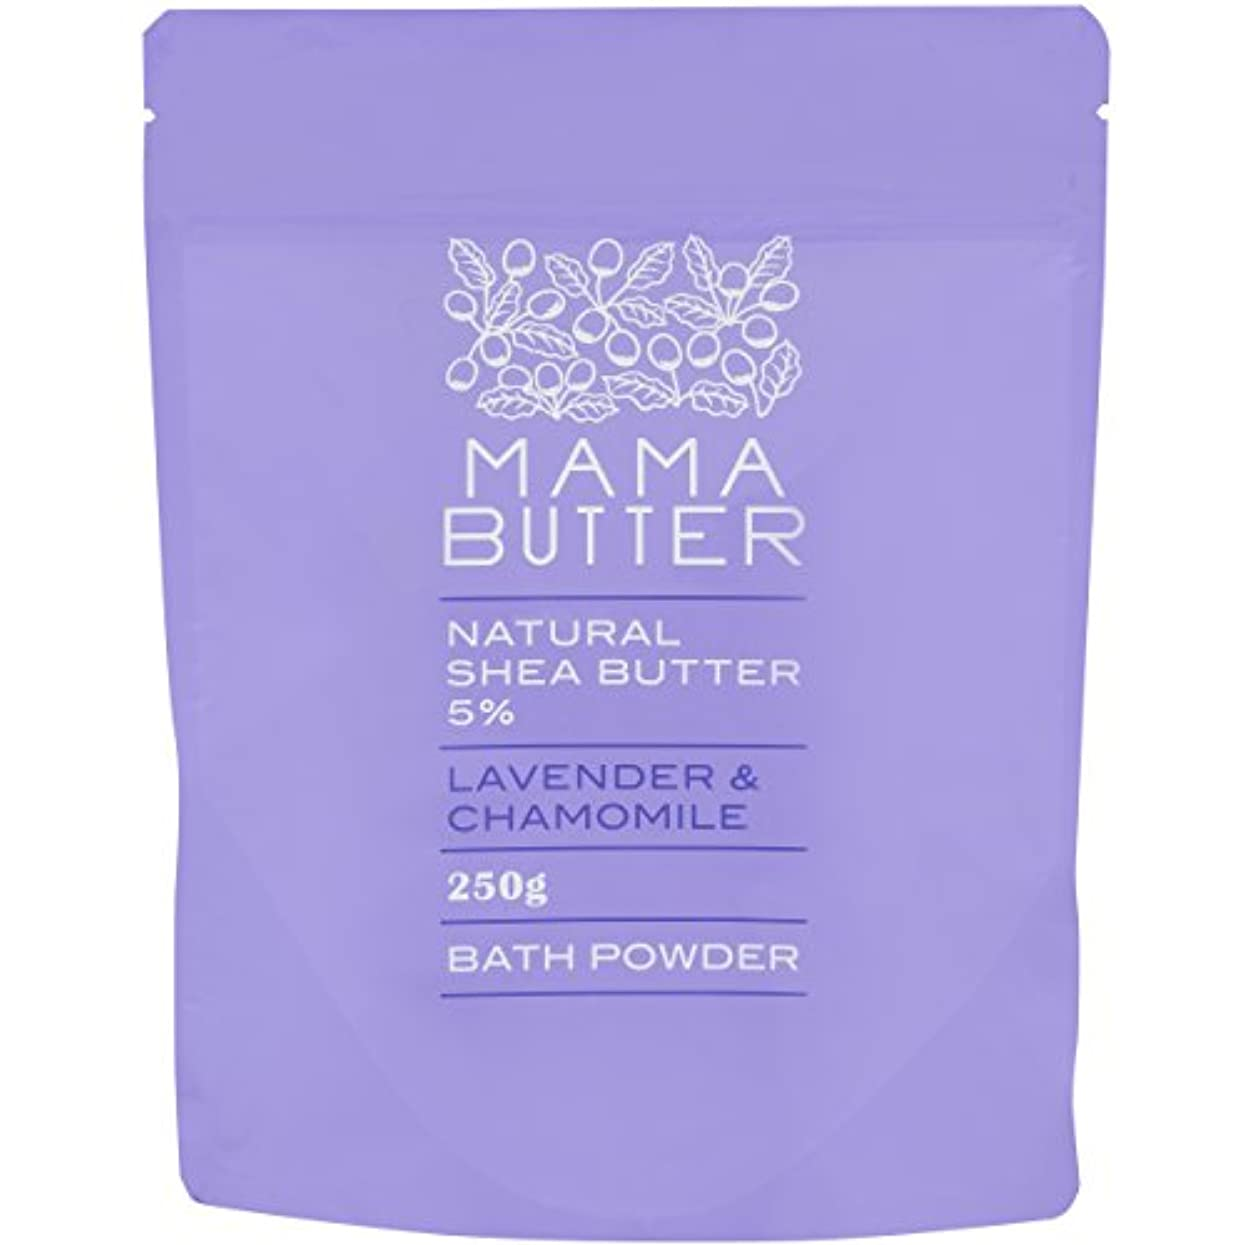 黒くする息苦しい書店ママバター ナチュラル バスパウダー ラベンダー&カモミールの香り 250g